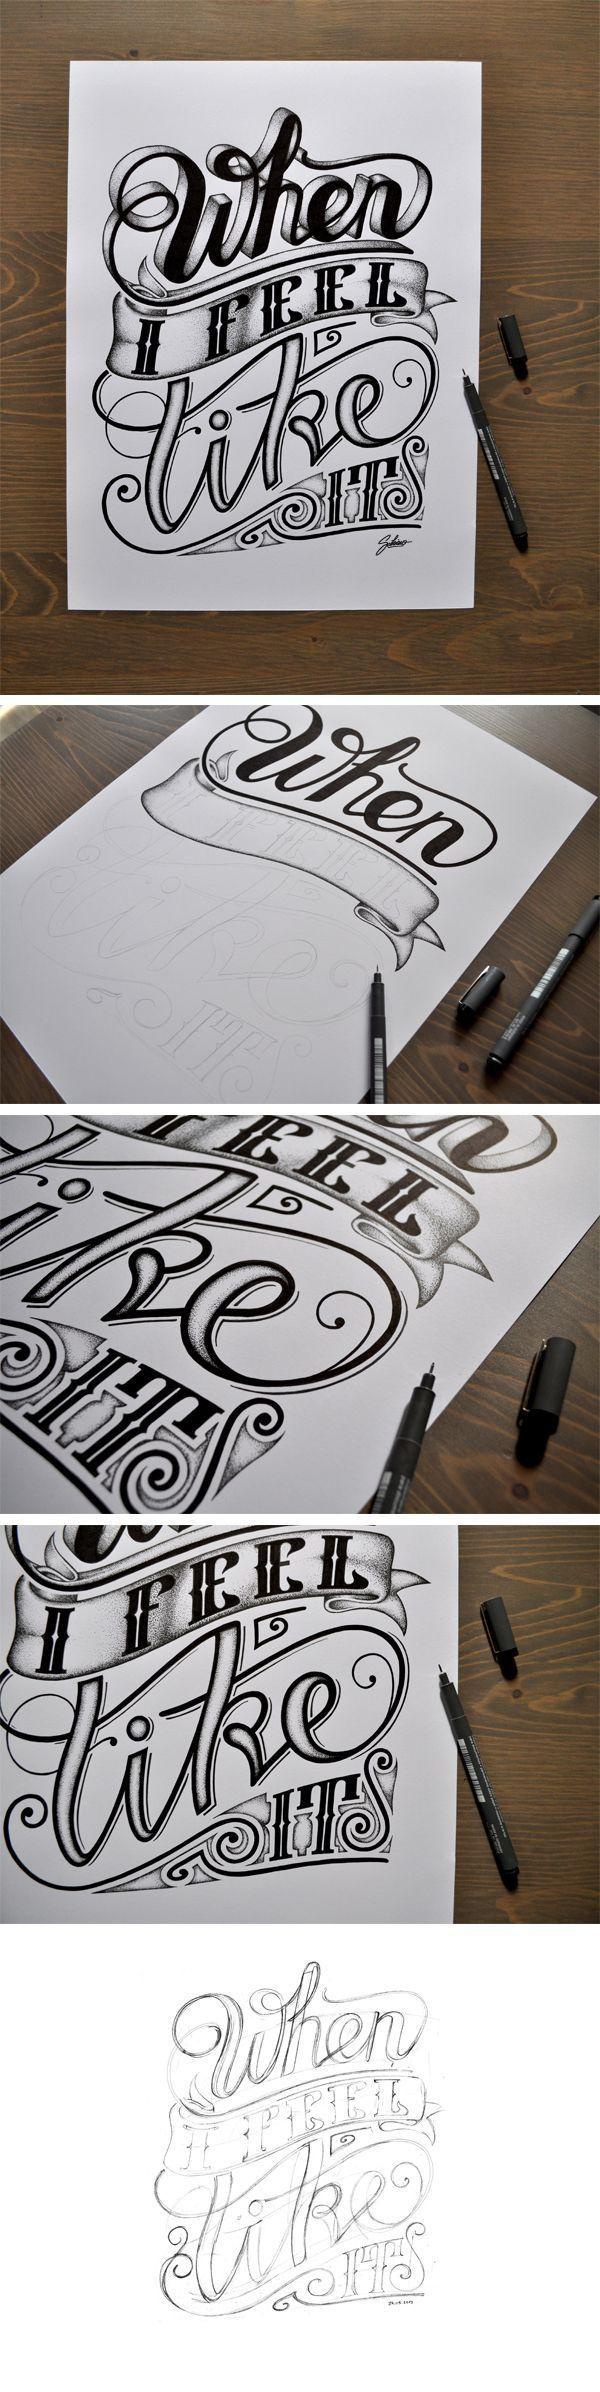 Découvrez cette semaine le second numéro pour notre rendez-vous des inspirations typographiques avec une sélection autour du lettering et de la calligraphie.